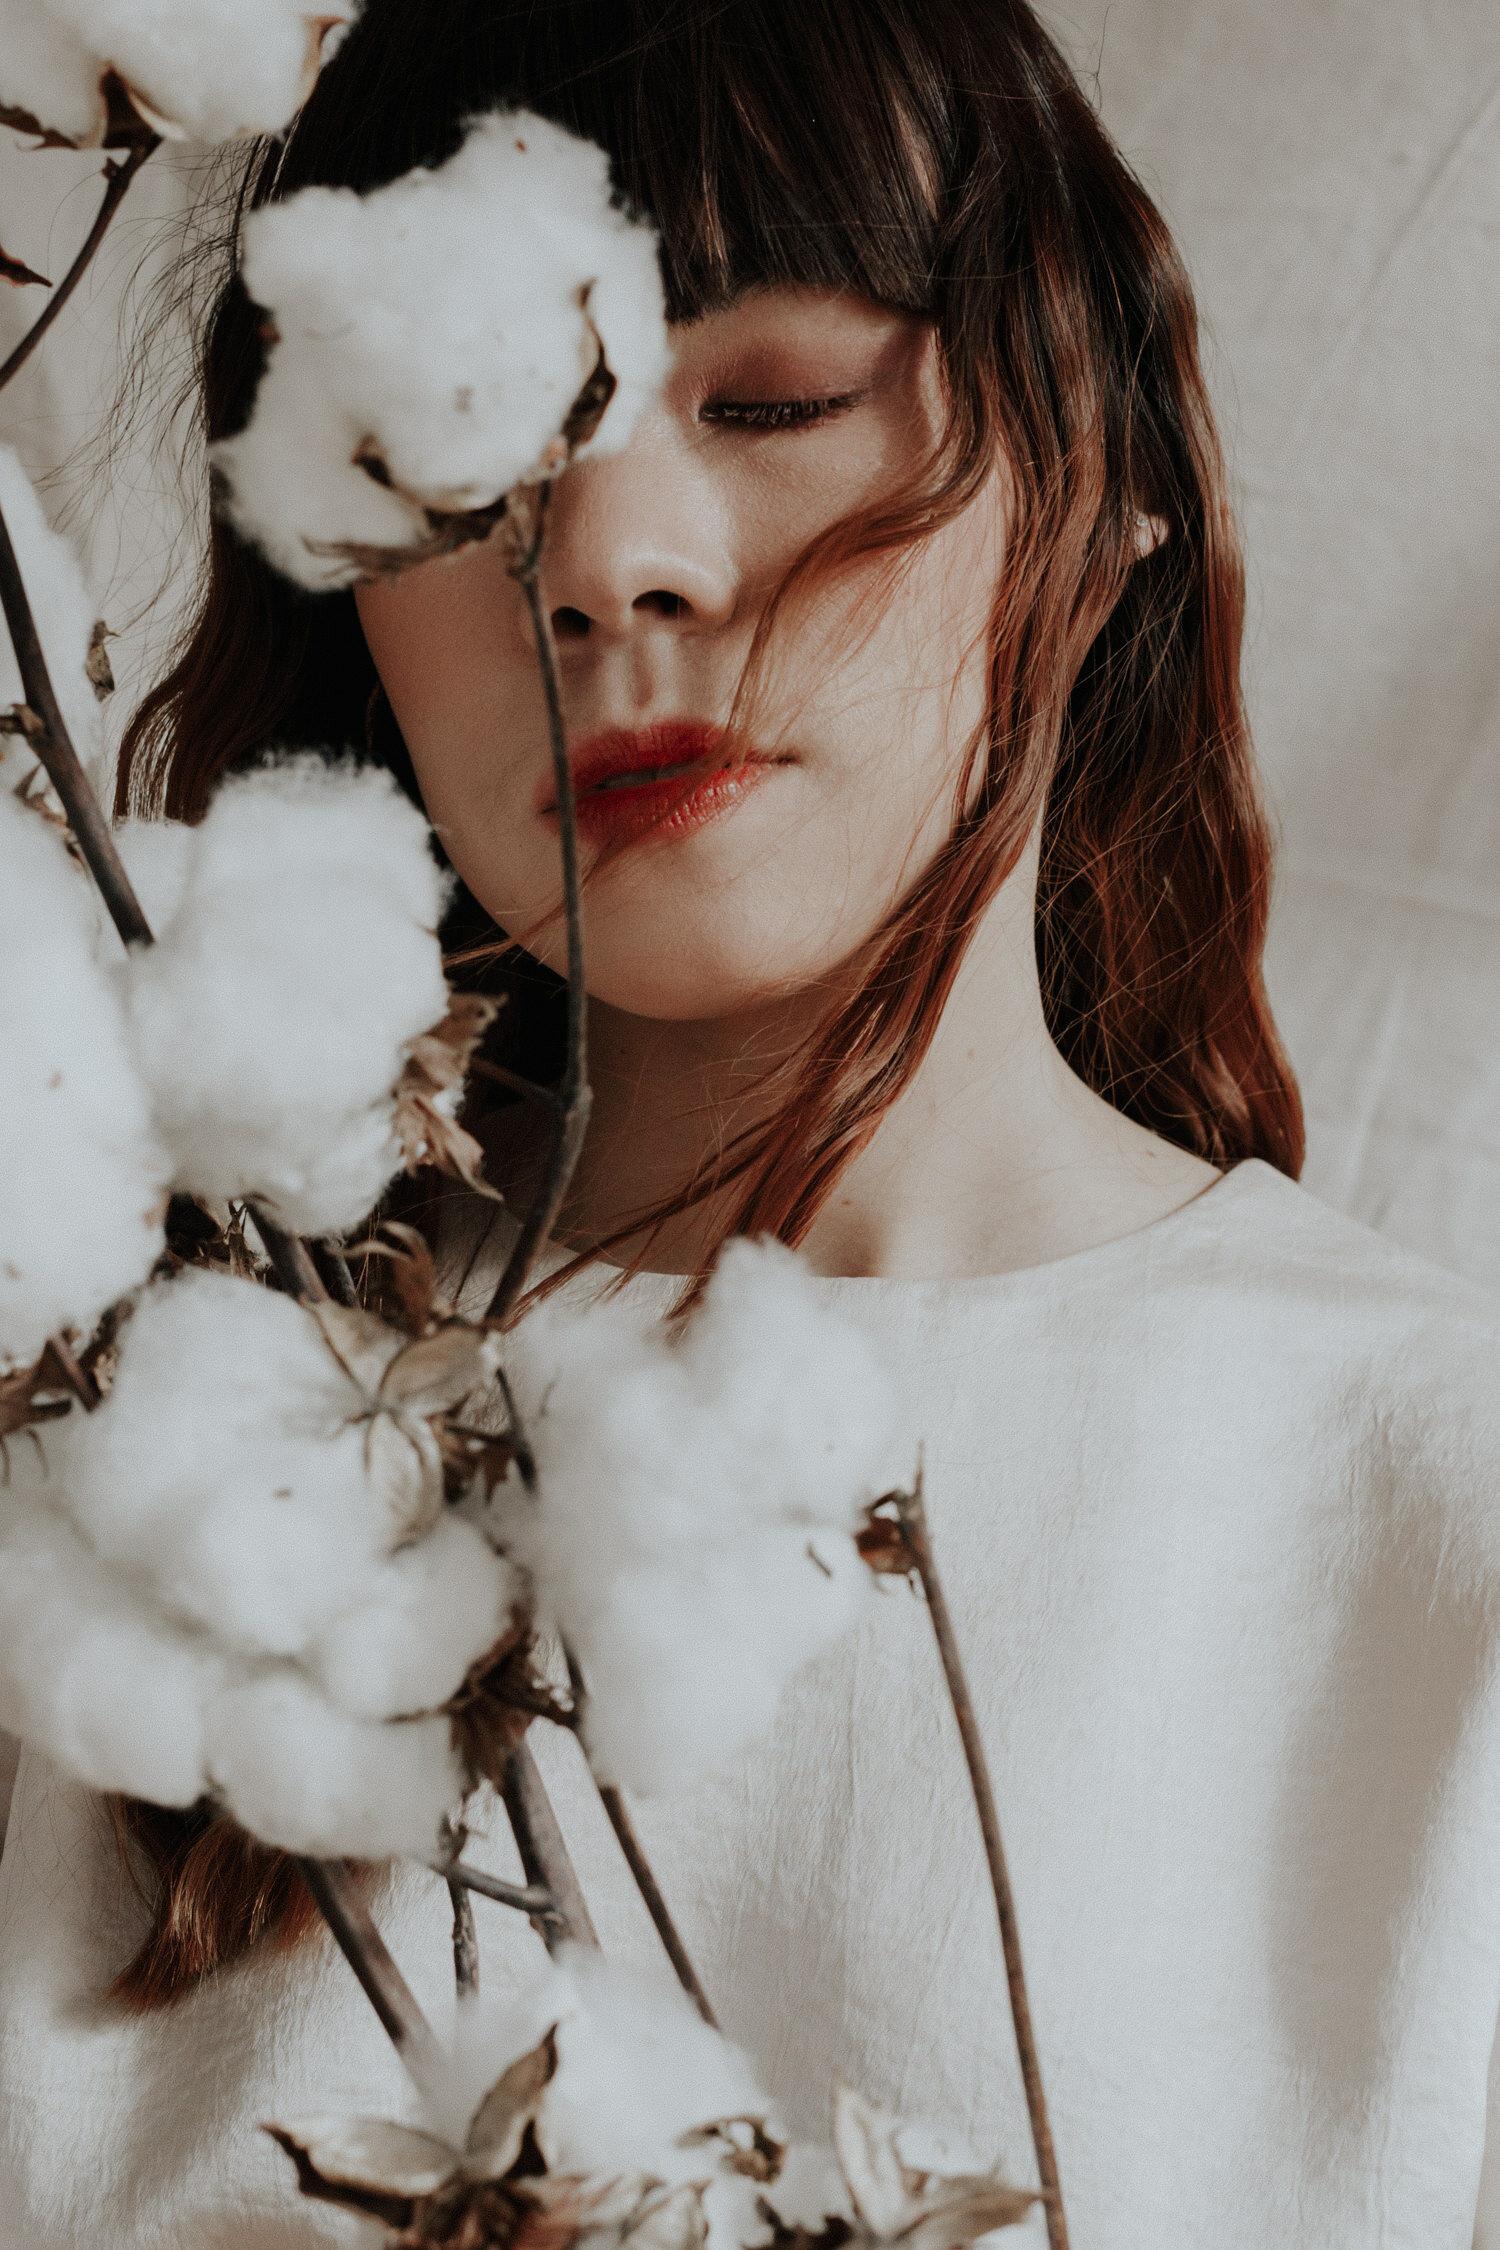 SpringBlossomEditorialCanberraFashionPhotographerJennyWu_-10.jpg